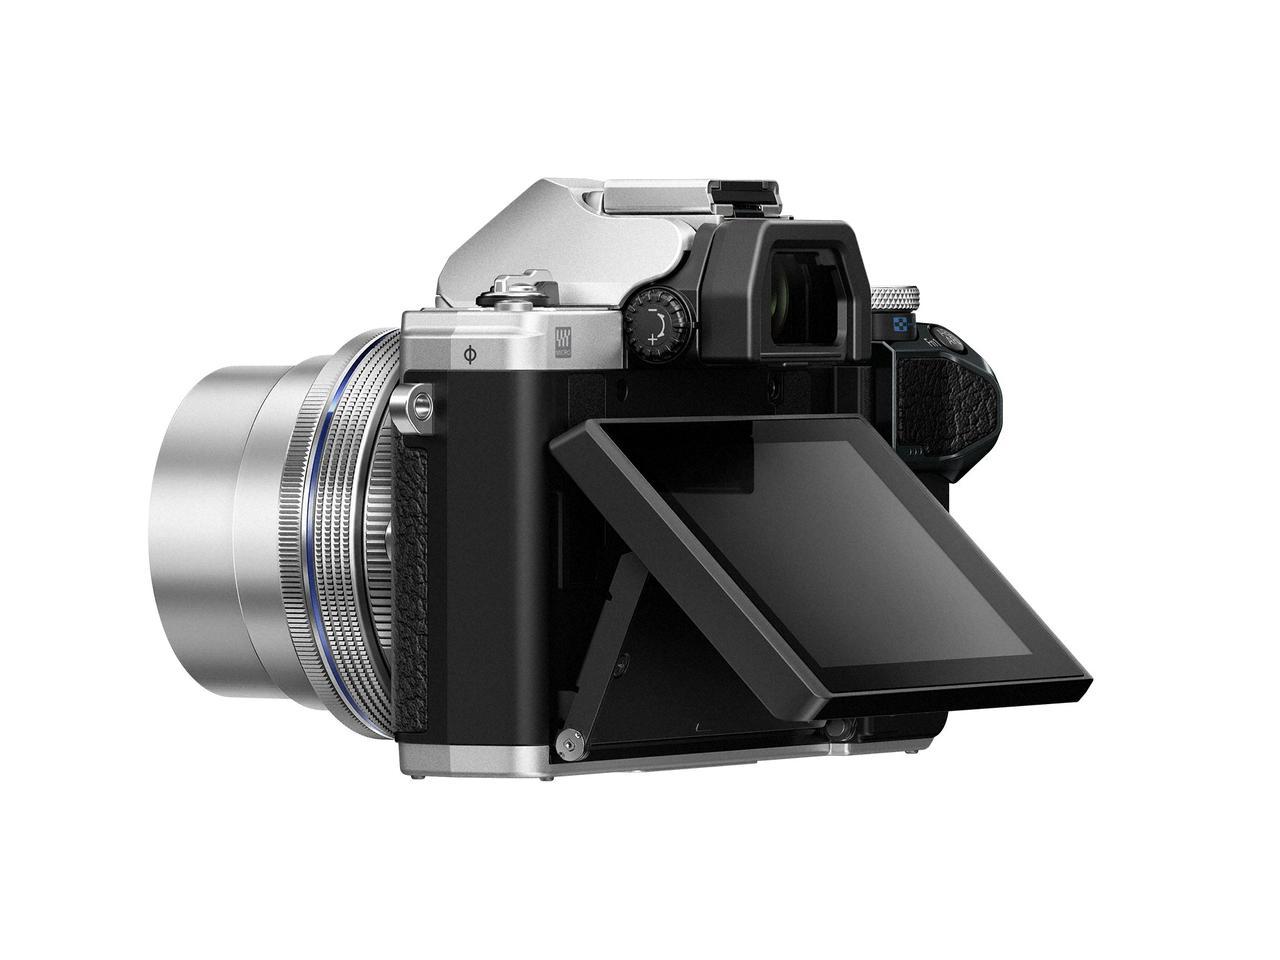 画像: ▲チルト式液晶モニター調整角度はカメラ背面に対して上が約 85 度、下が約 45 度。ライブビュー時のローアングル&ハイアングル撮影時に便利だ。 www.olympus-imaging.jp